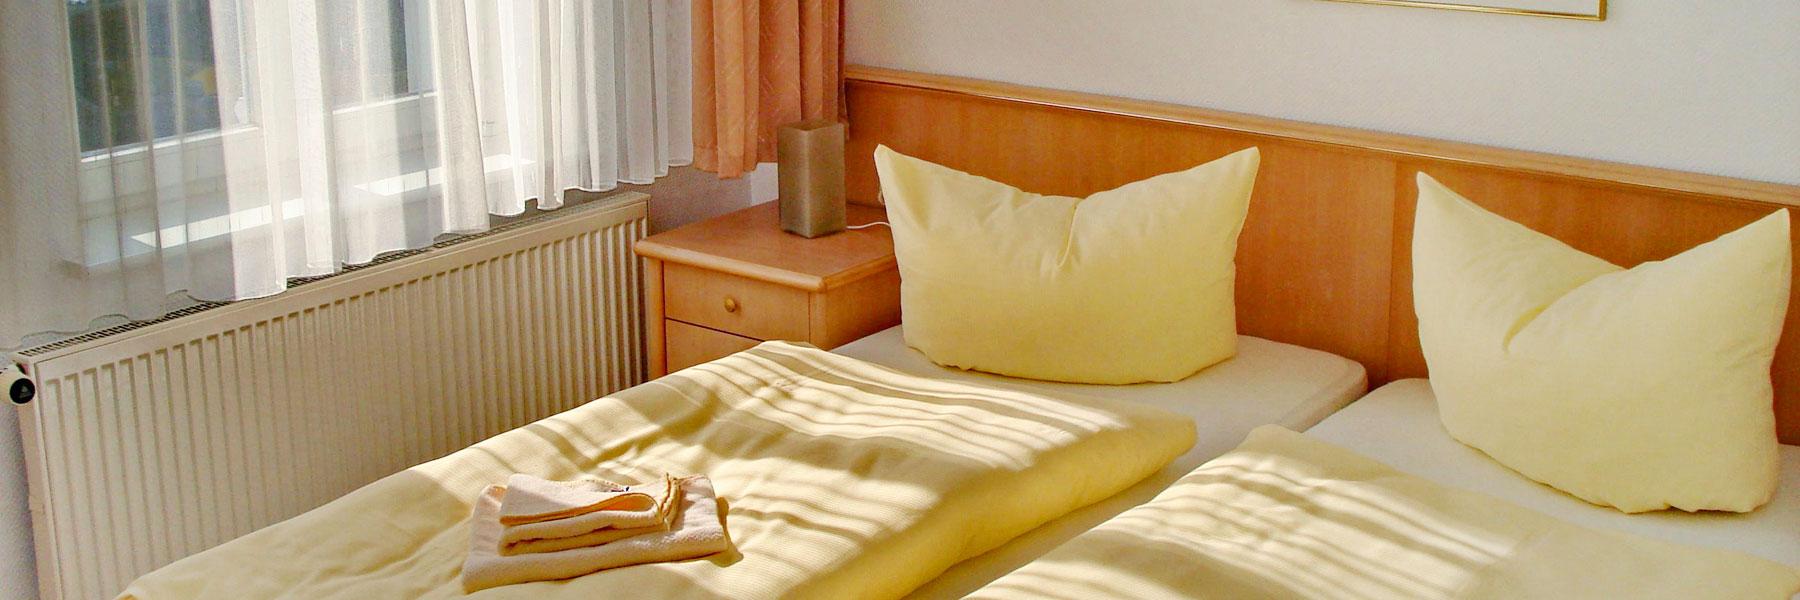 Doppelbett - Pension Haus Pommern